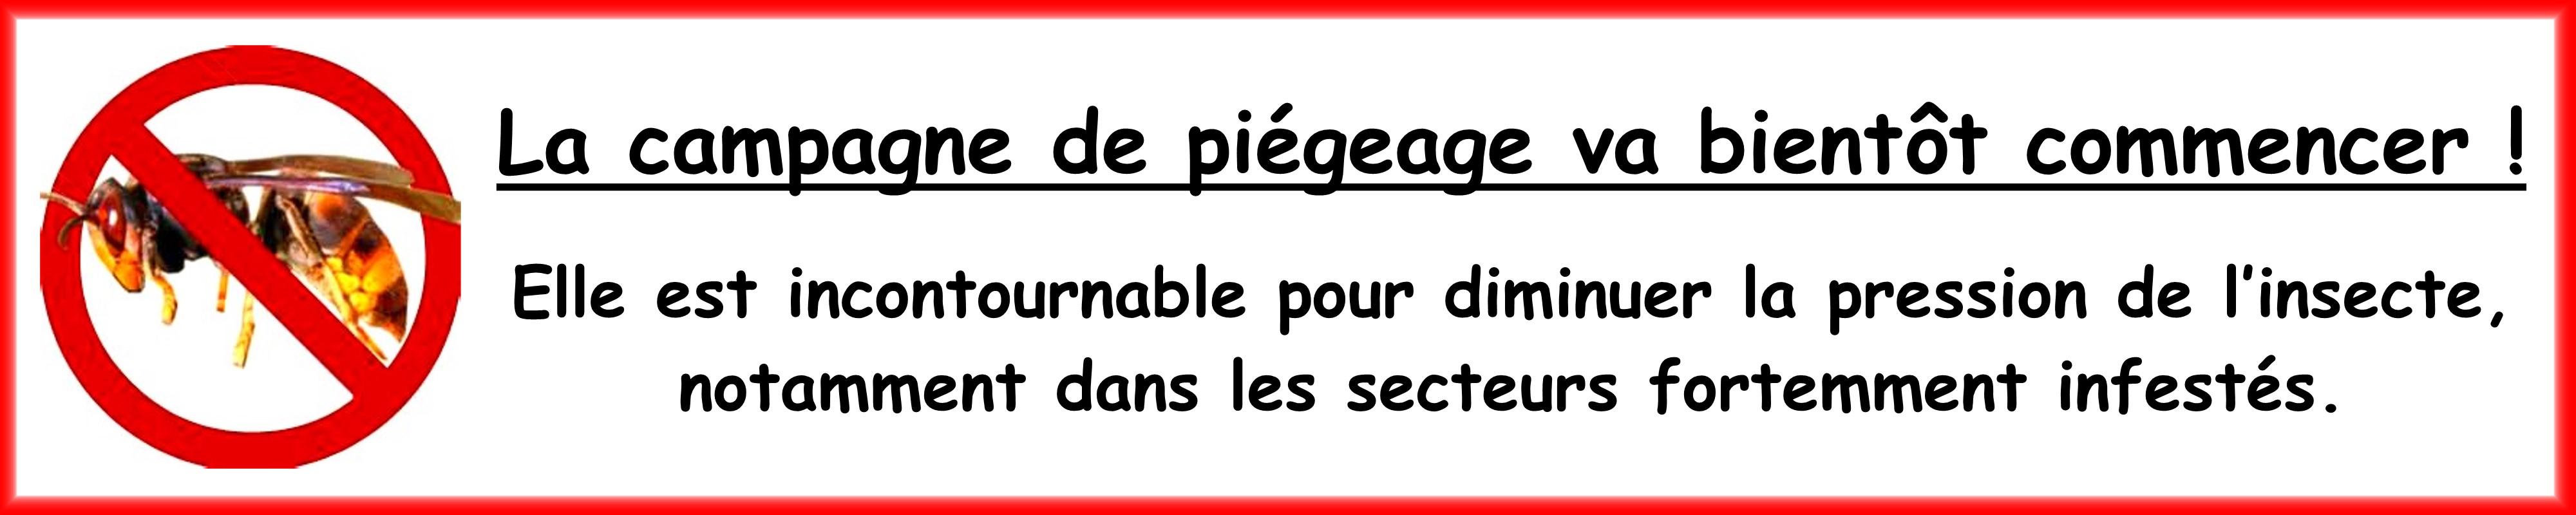 Piégeage_VV